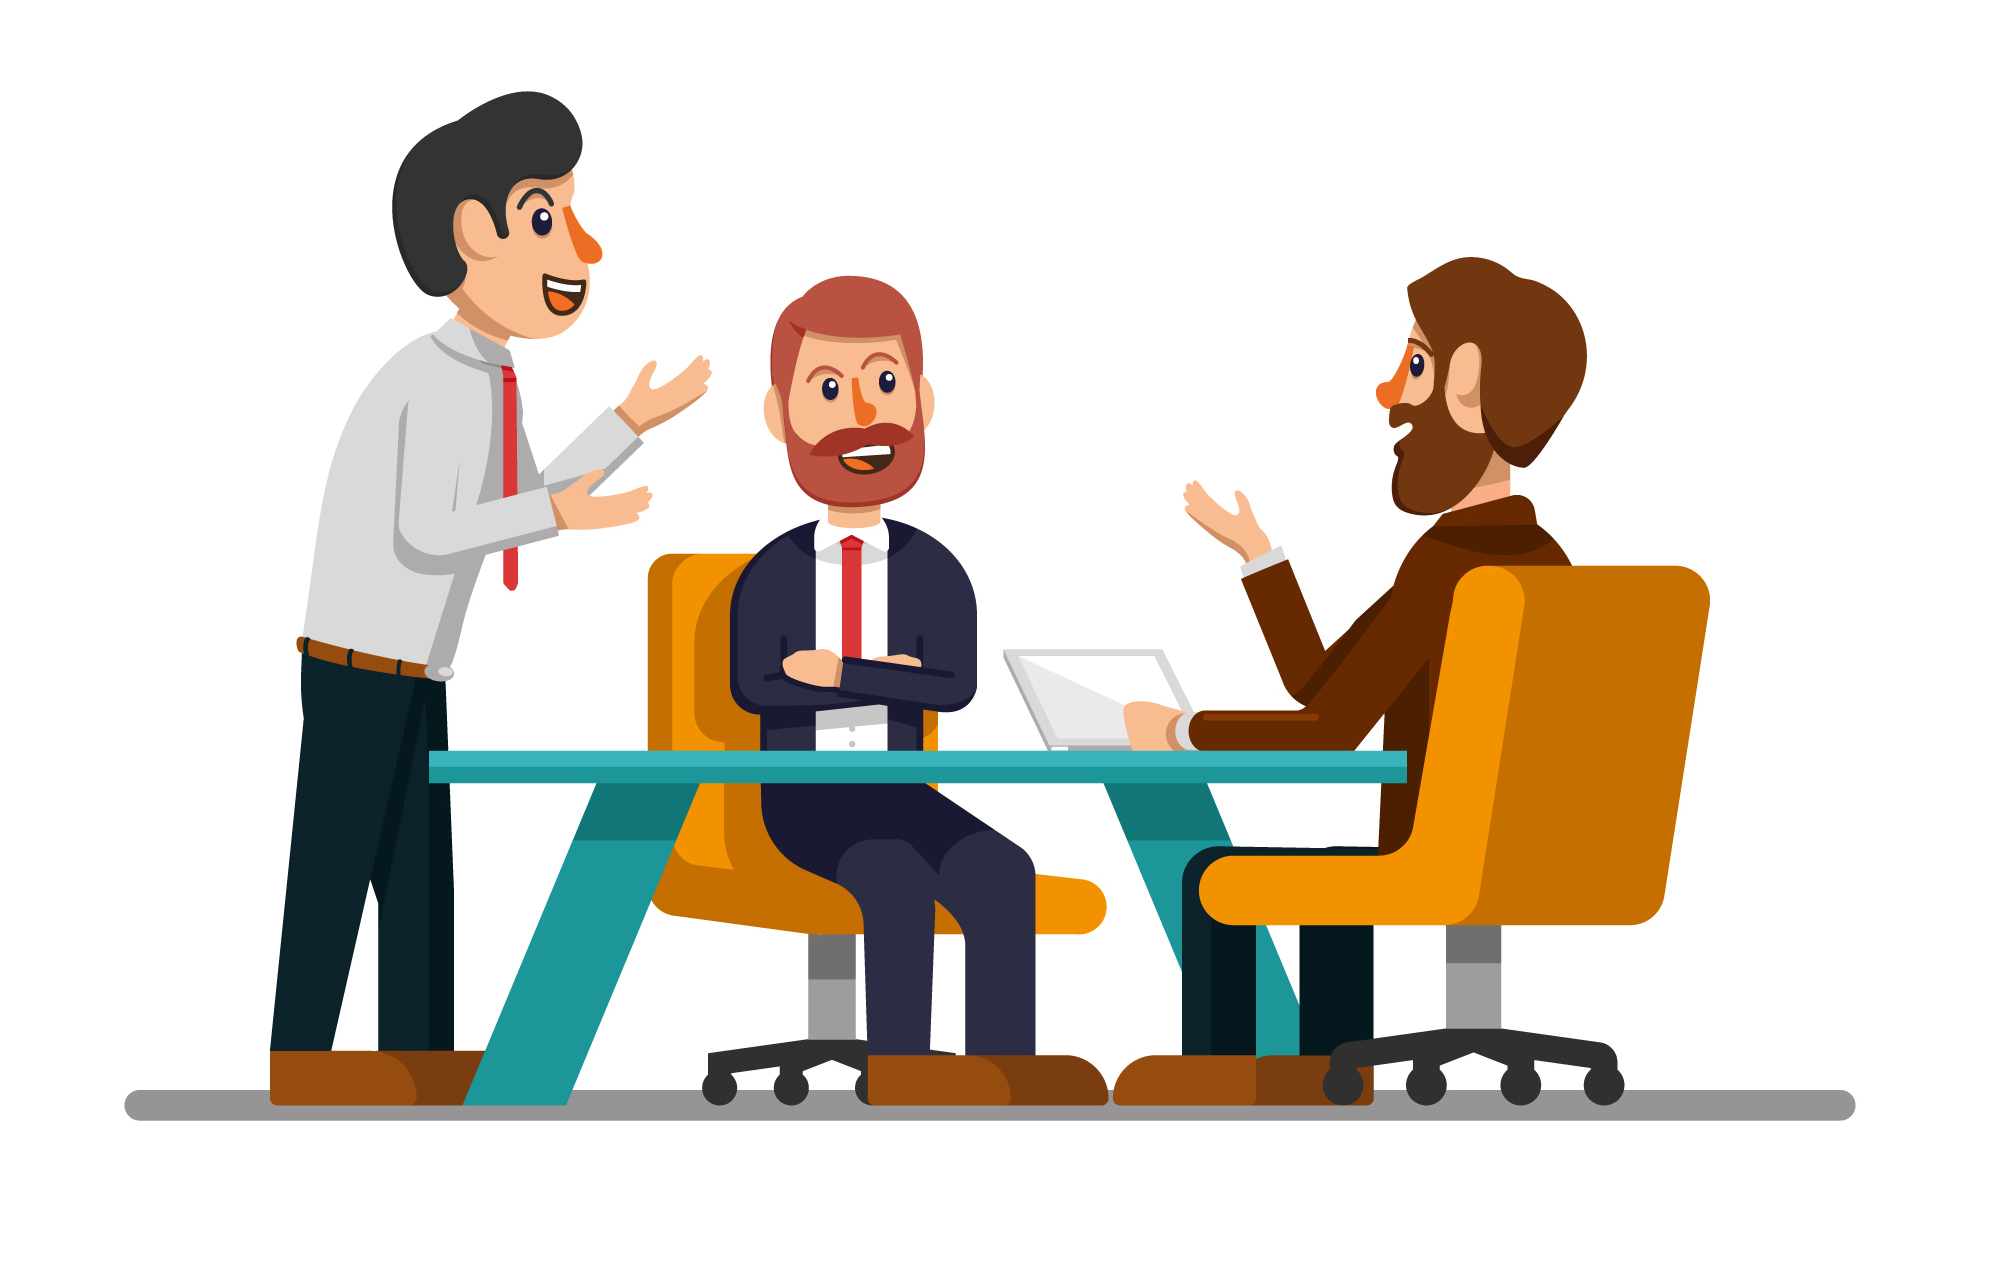 Phỏng vấn sao cho hiệu quả? Điều bạn cần biết